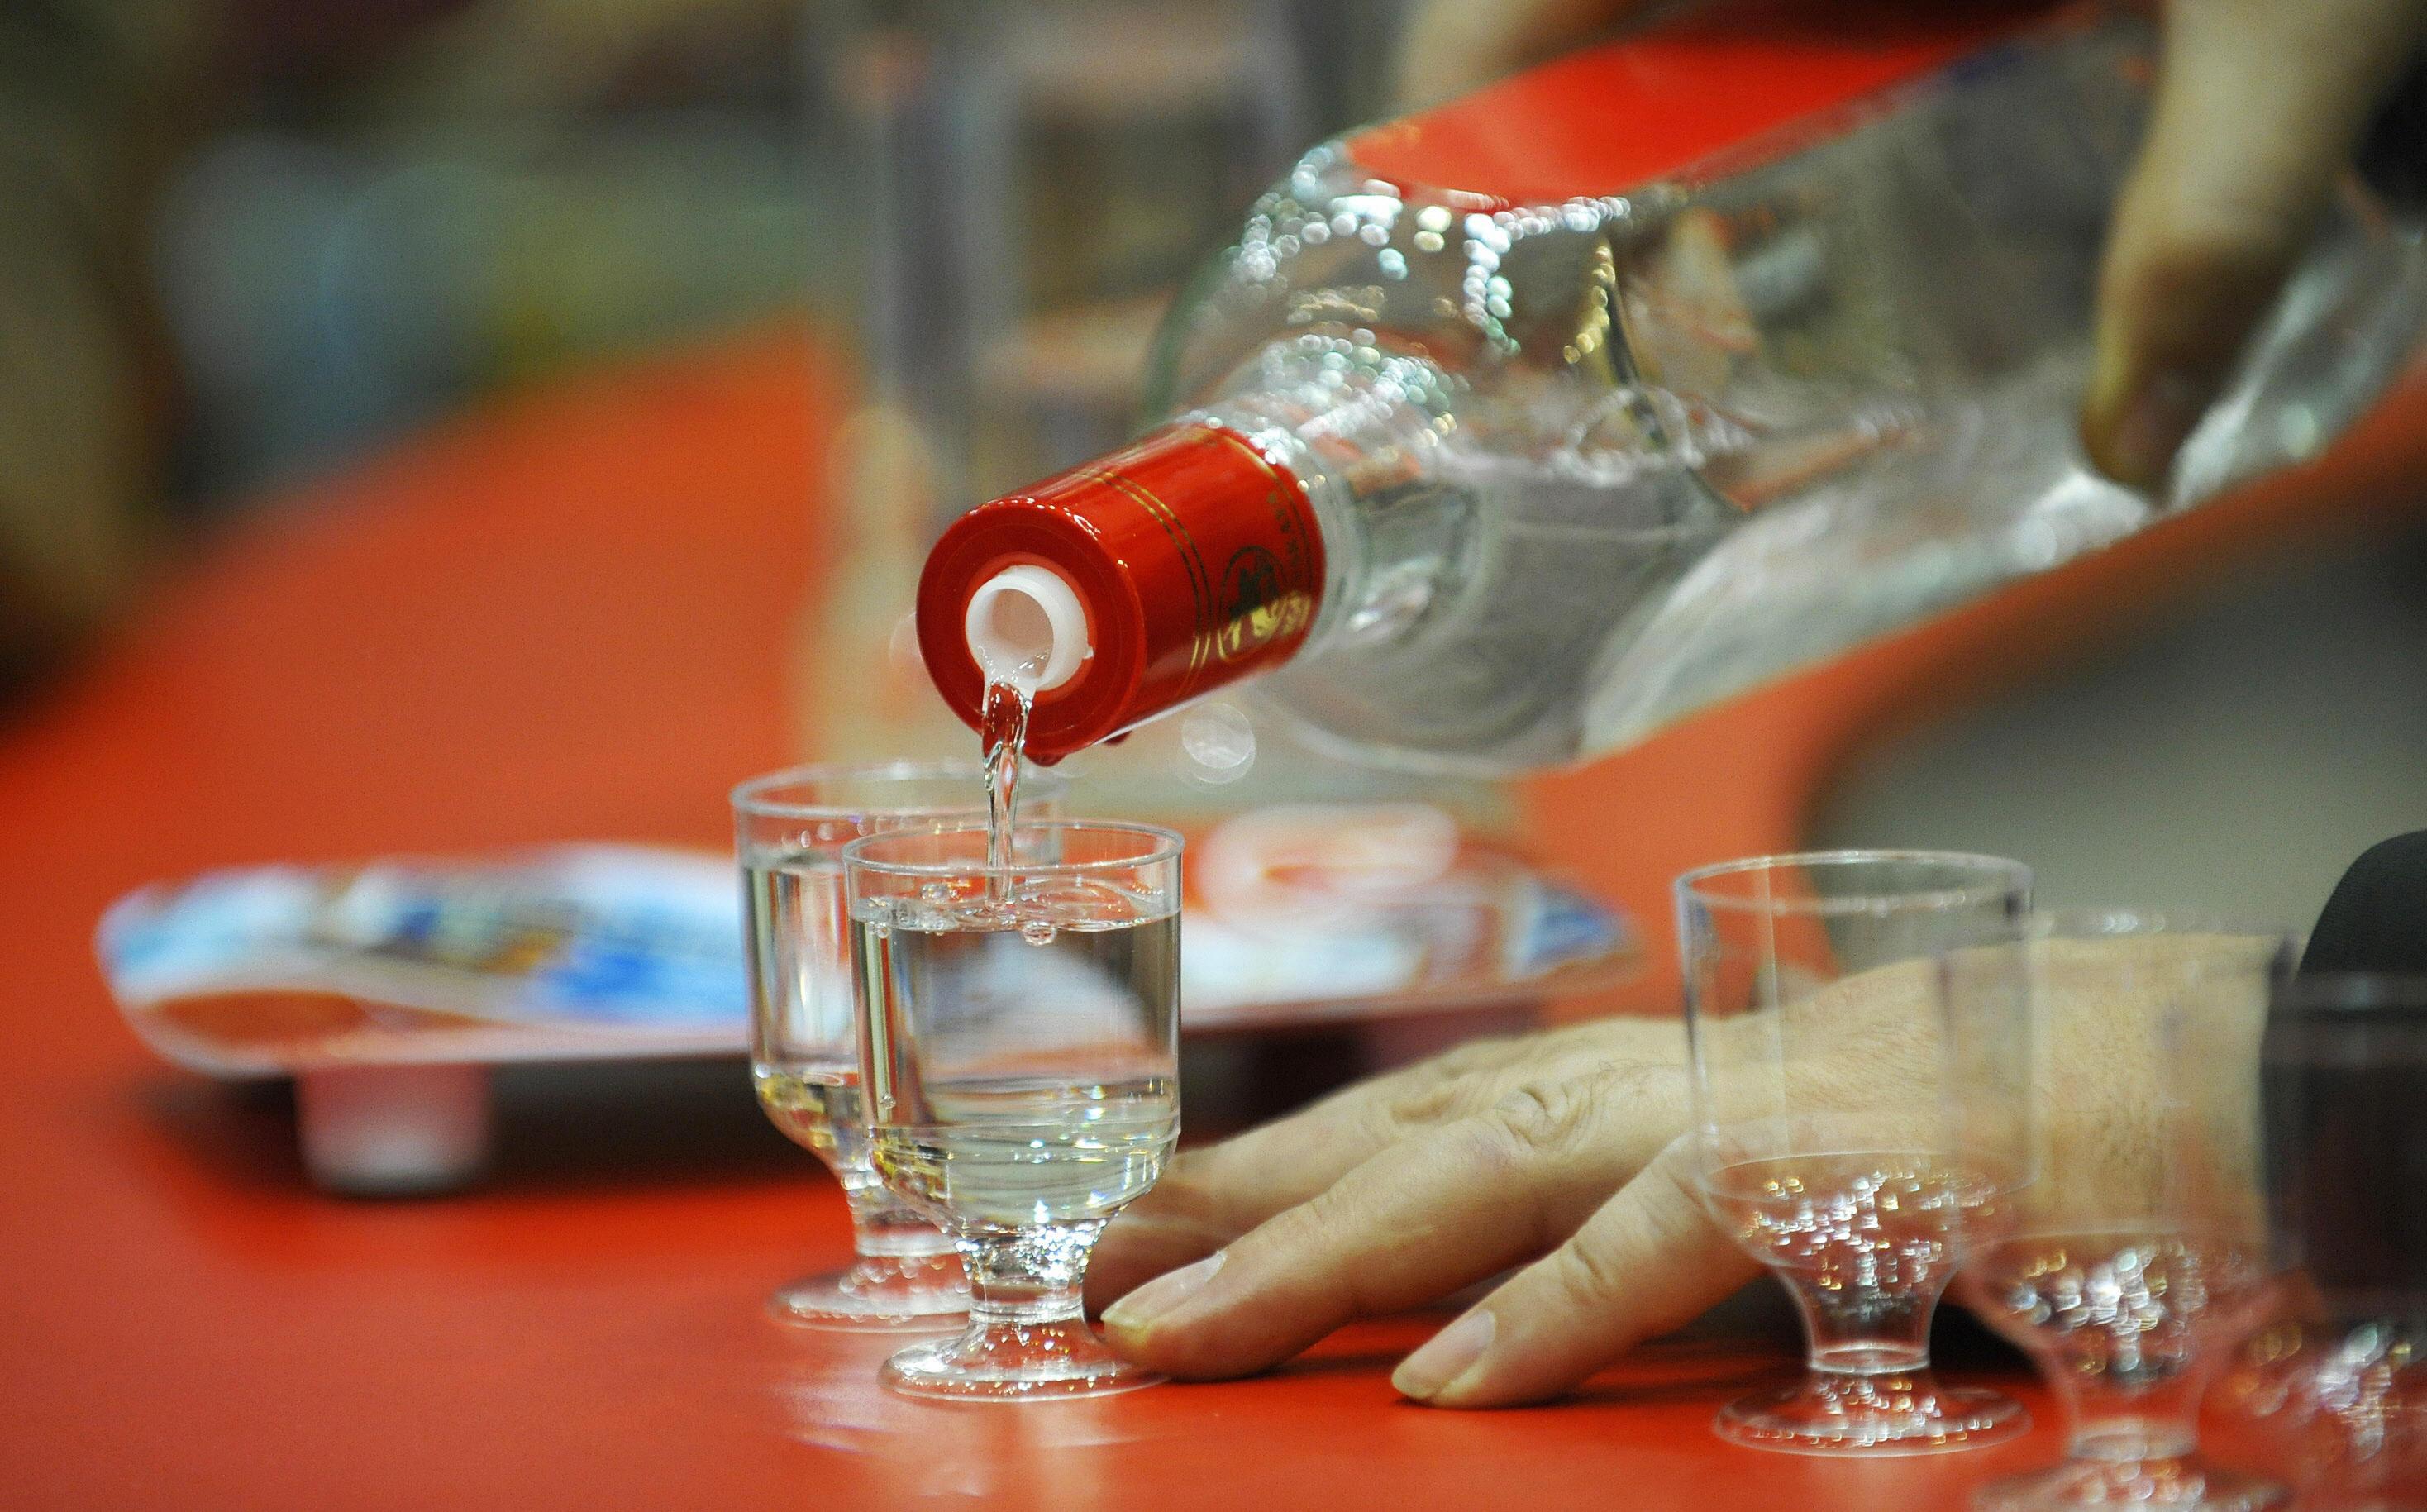 تخفيض سعر الفودكا.. ردّ روسيا على الضائقة الاقتصادية